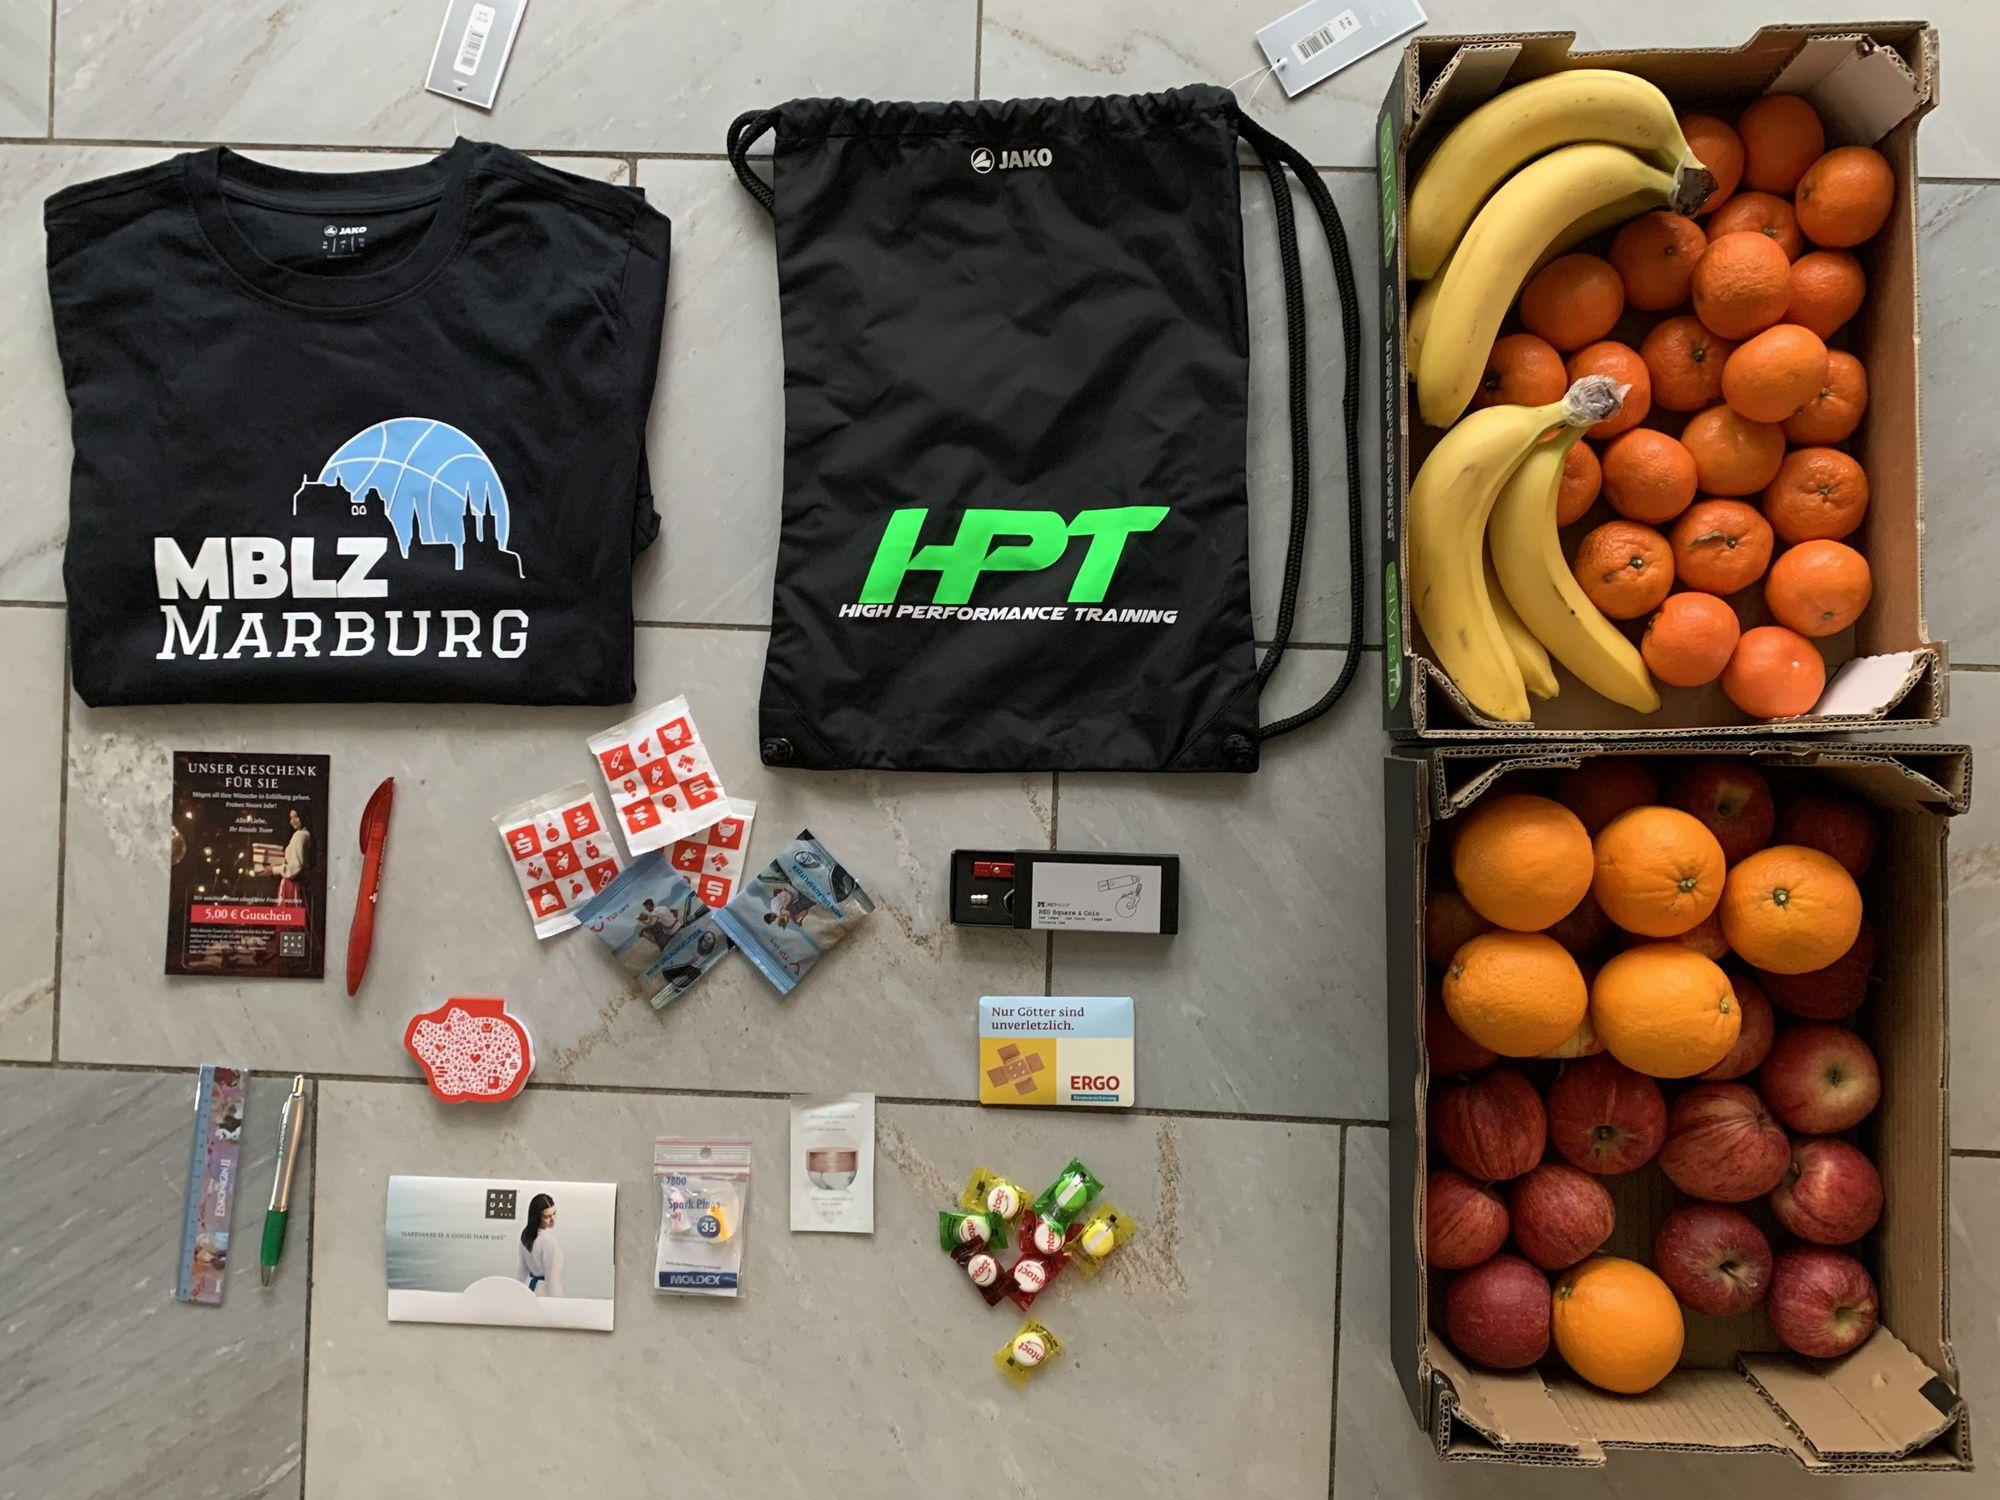 Die Geschenke für die MBLZ-Teilnehmer wurden von mehreren Firmen zur Verfügung gestellt.